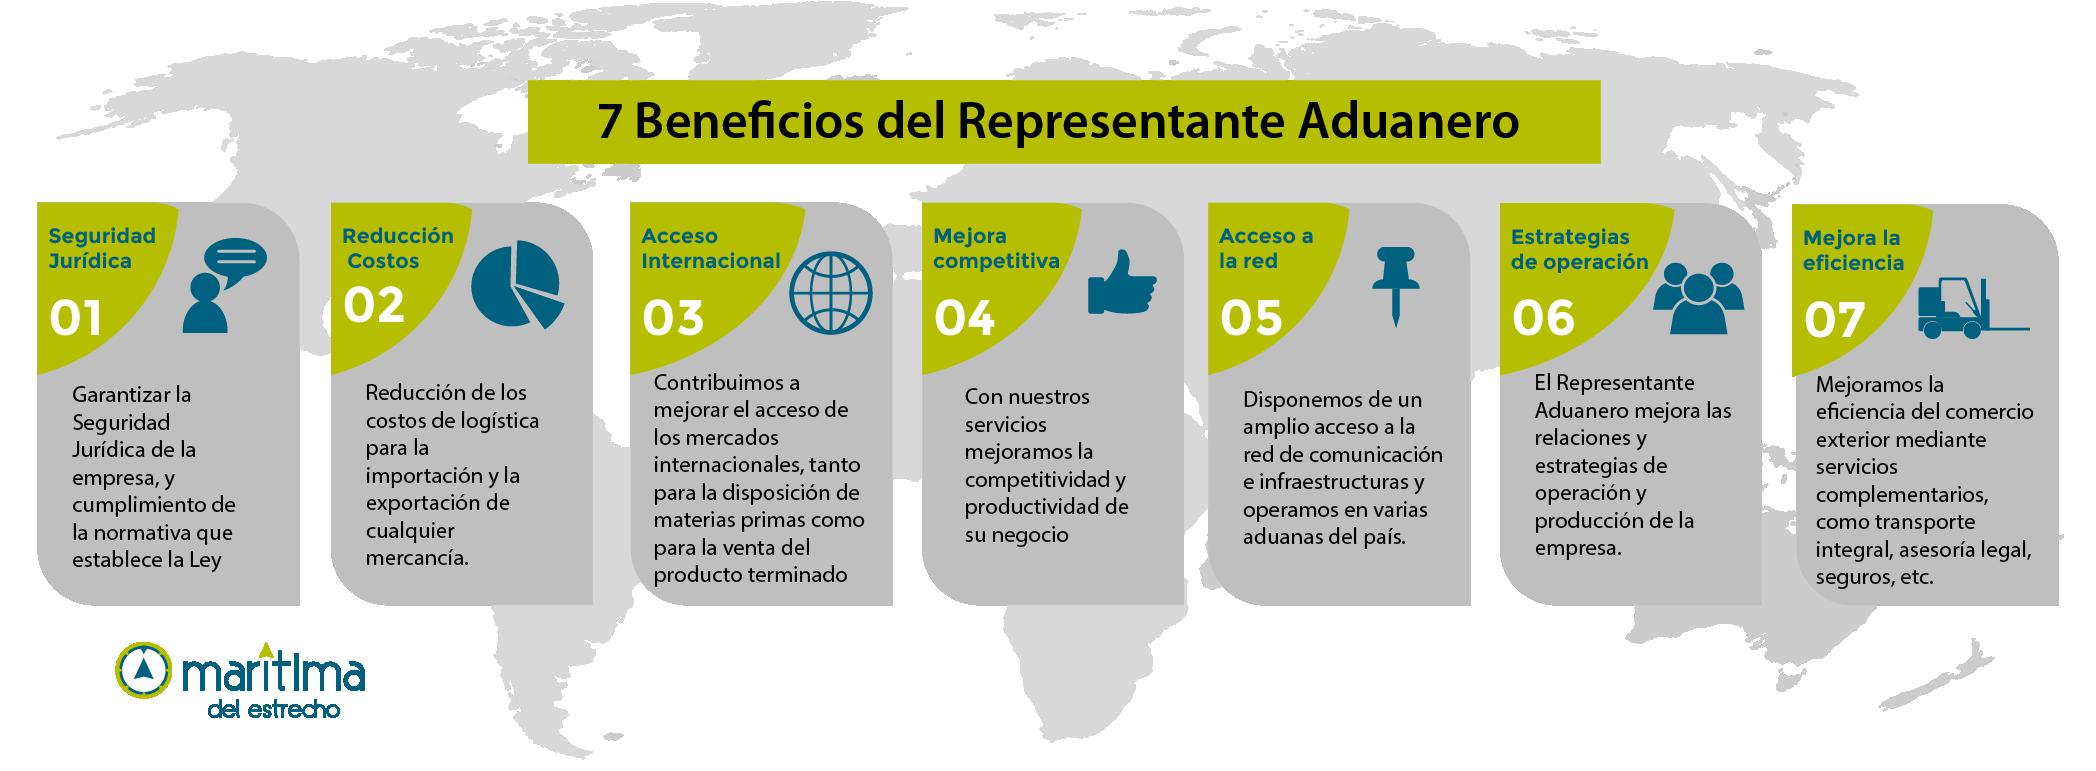 7 beneficios del representante aduanero